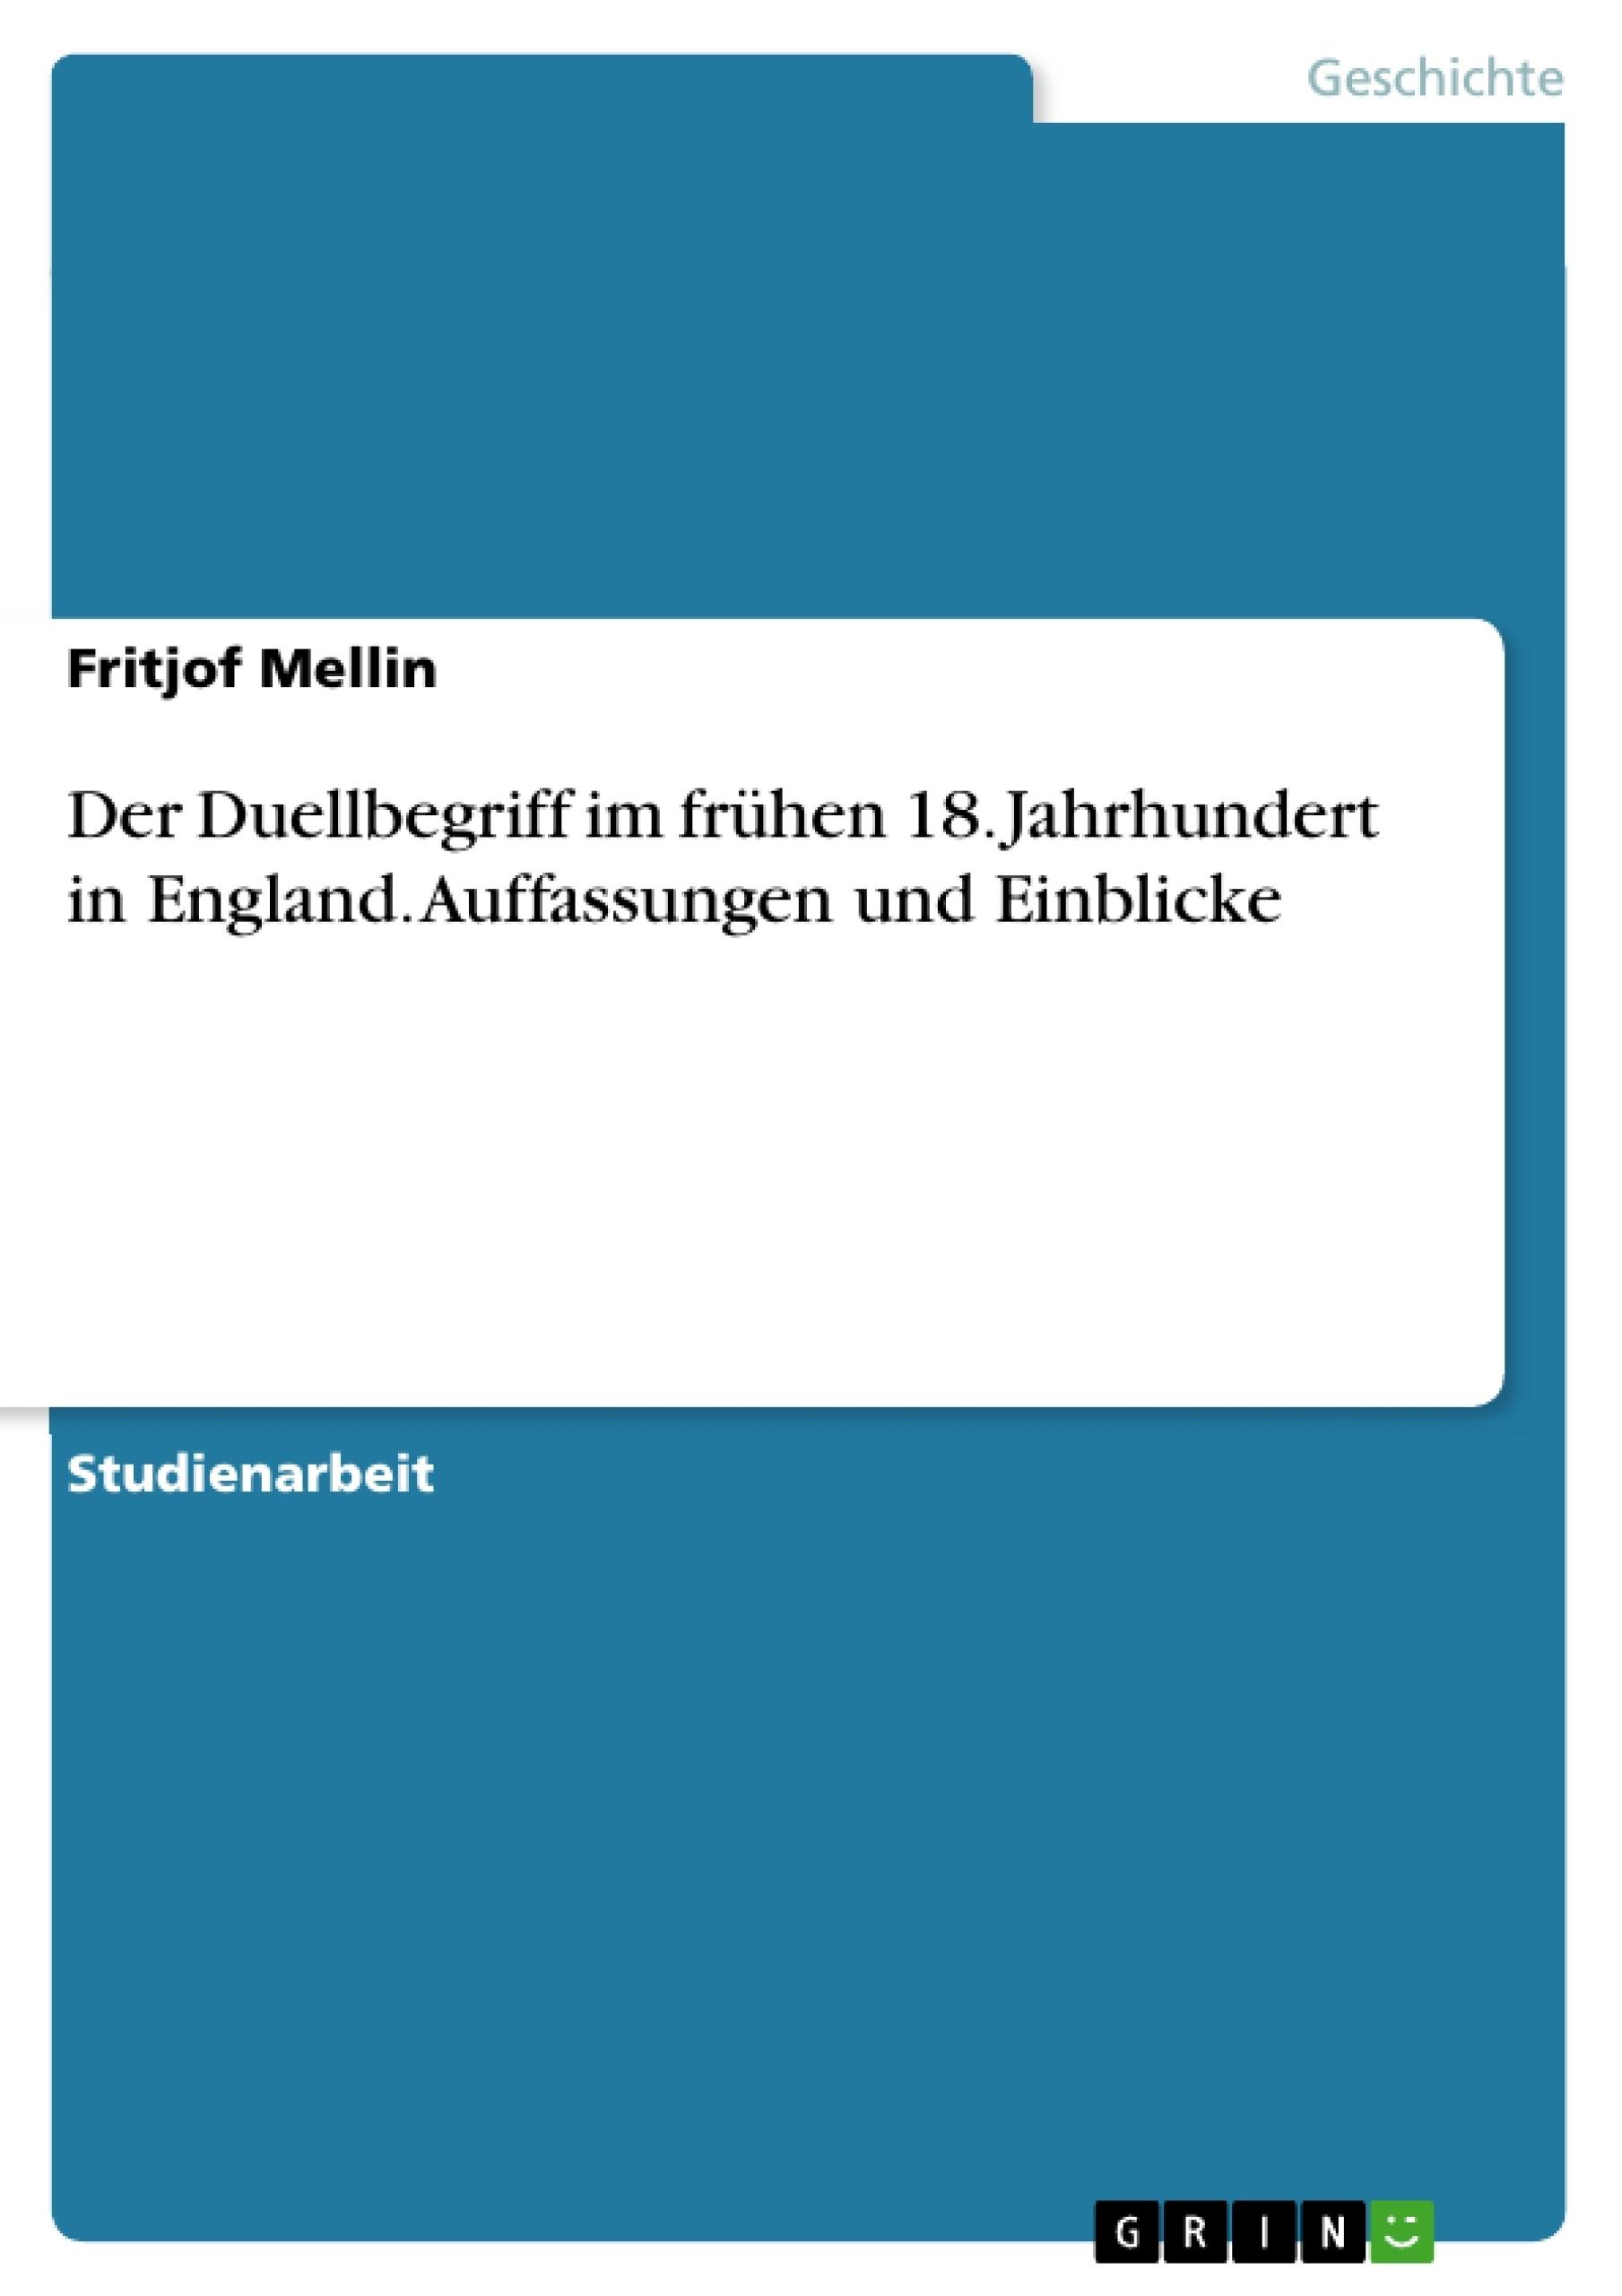 Titel: Der Duellbegriff im frühen 18. Jahrhundert in England. Auffassungen und Einblicke